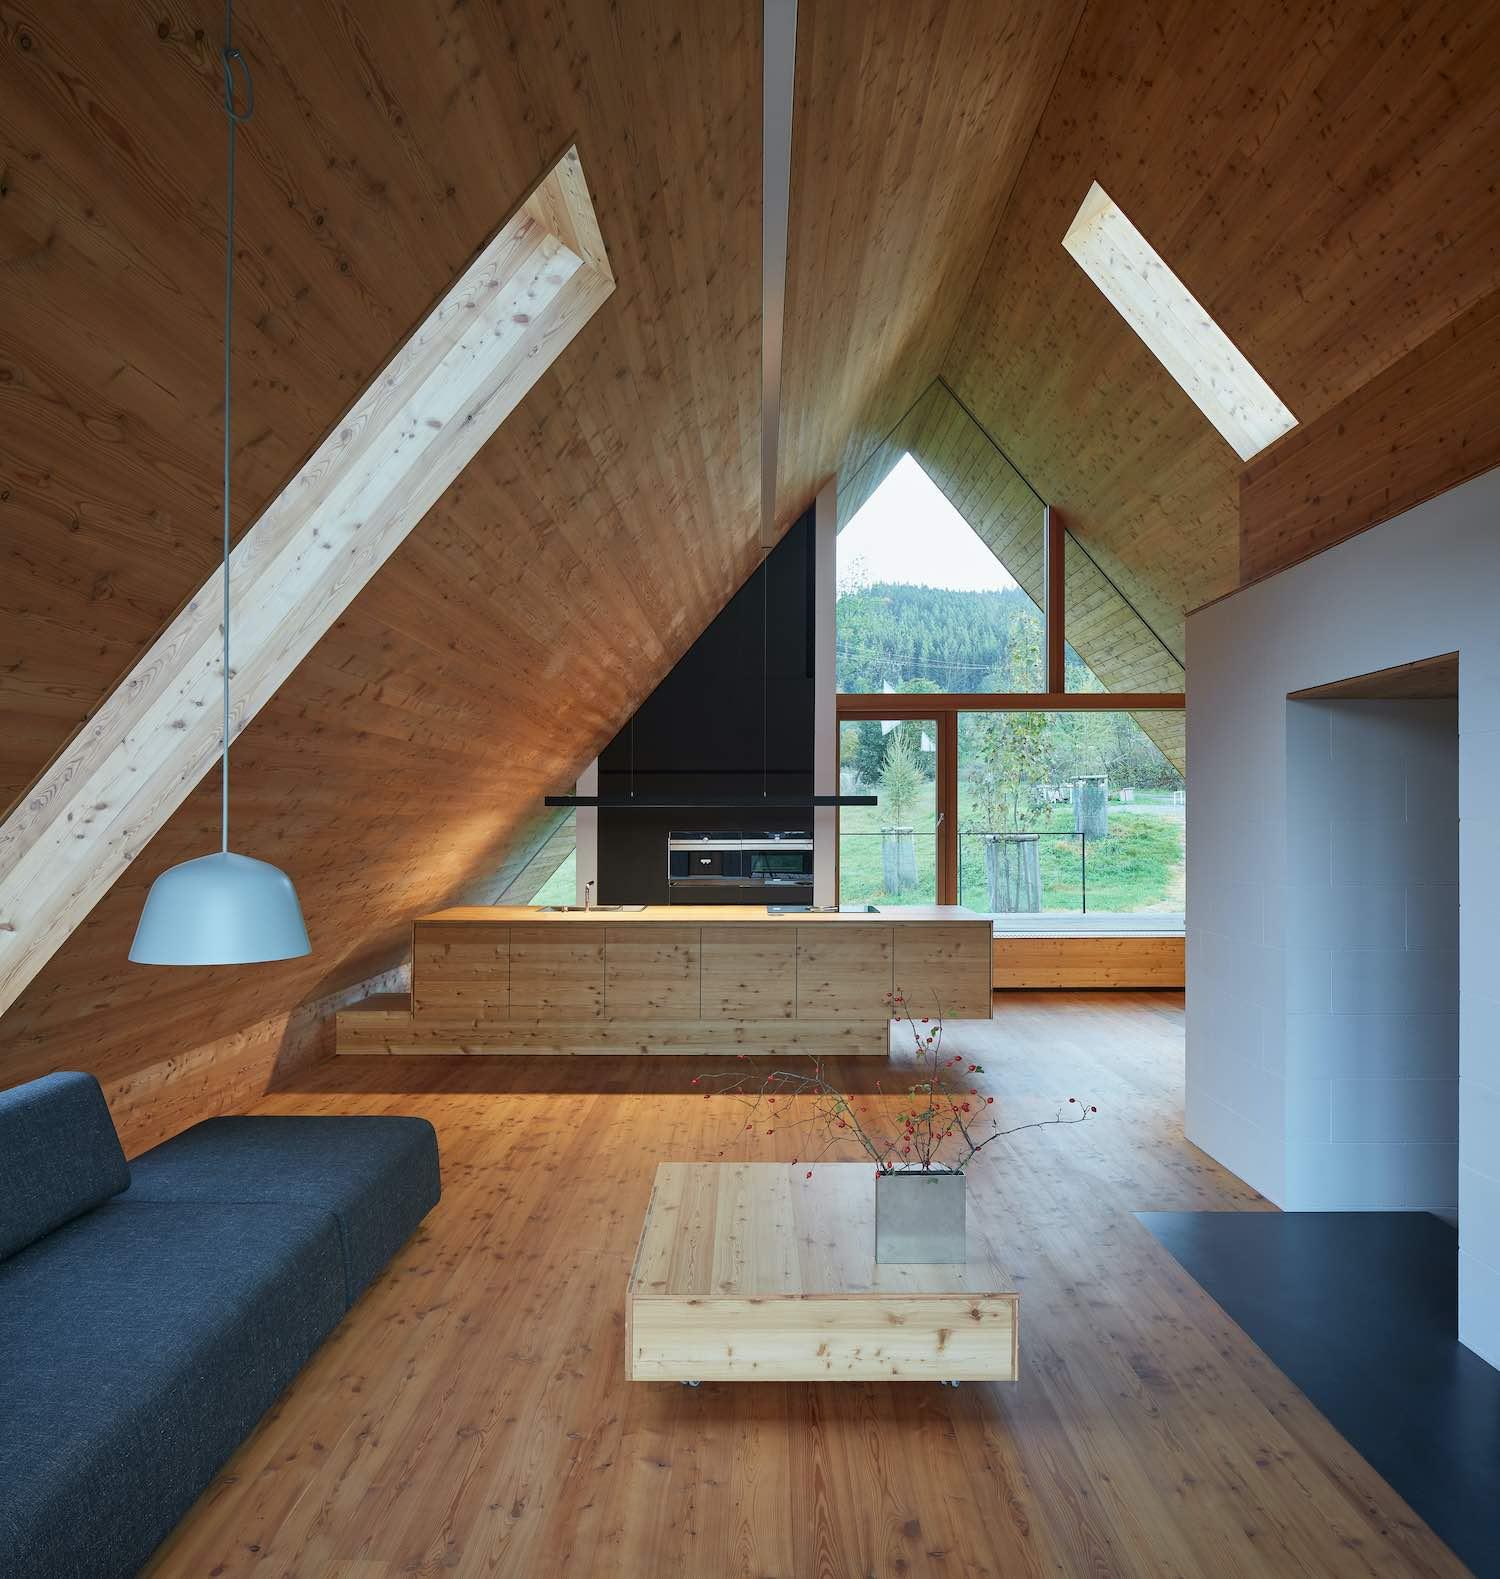 a modern kitchen in a triangular wooden cottage